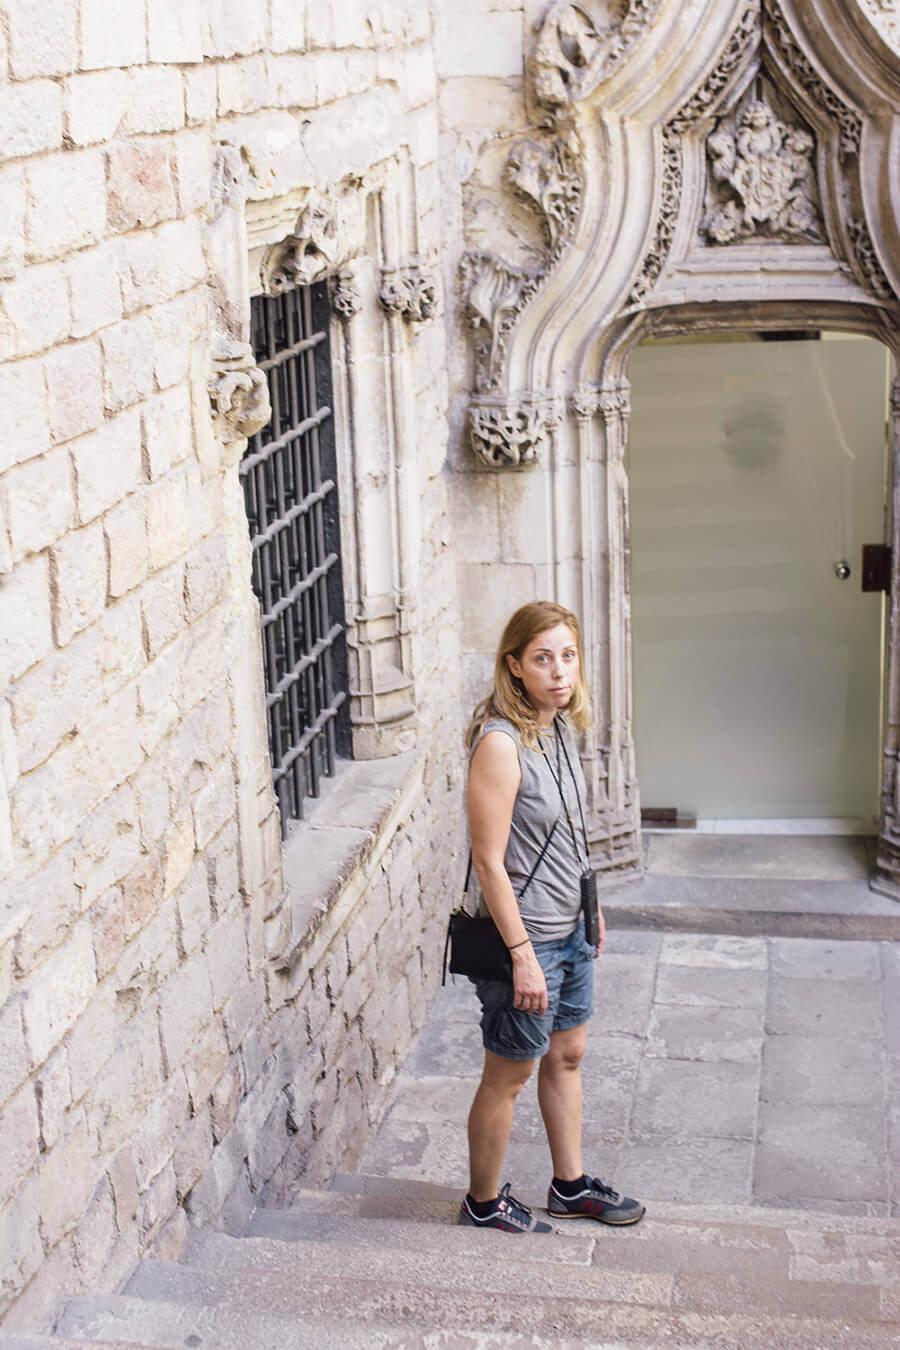 מוזיאון פיקאסו